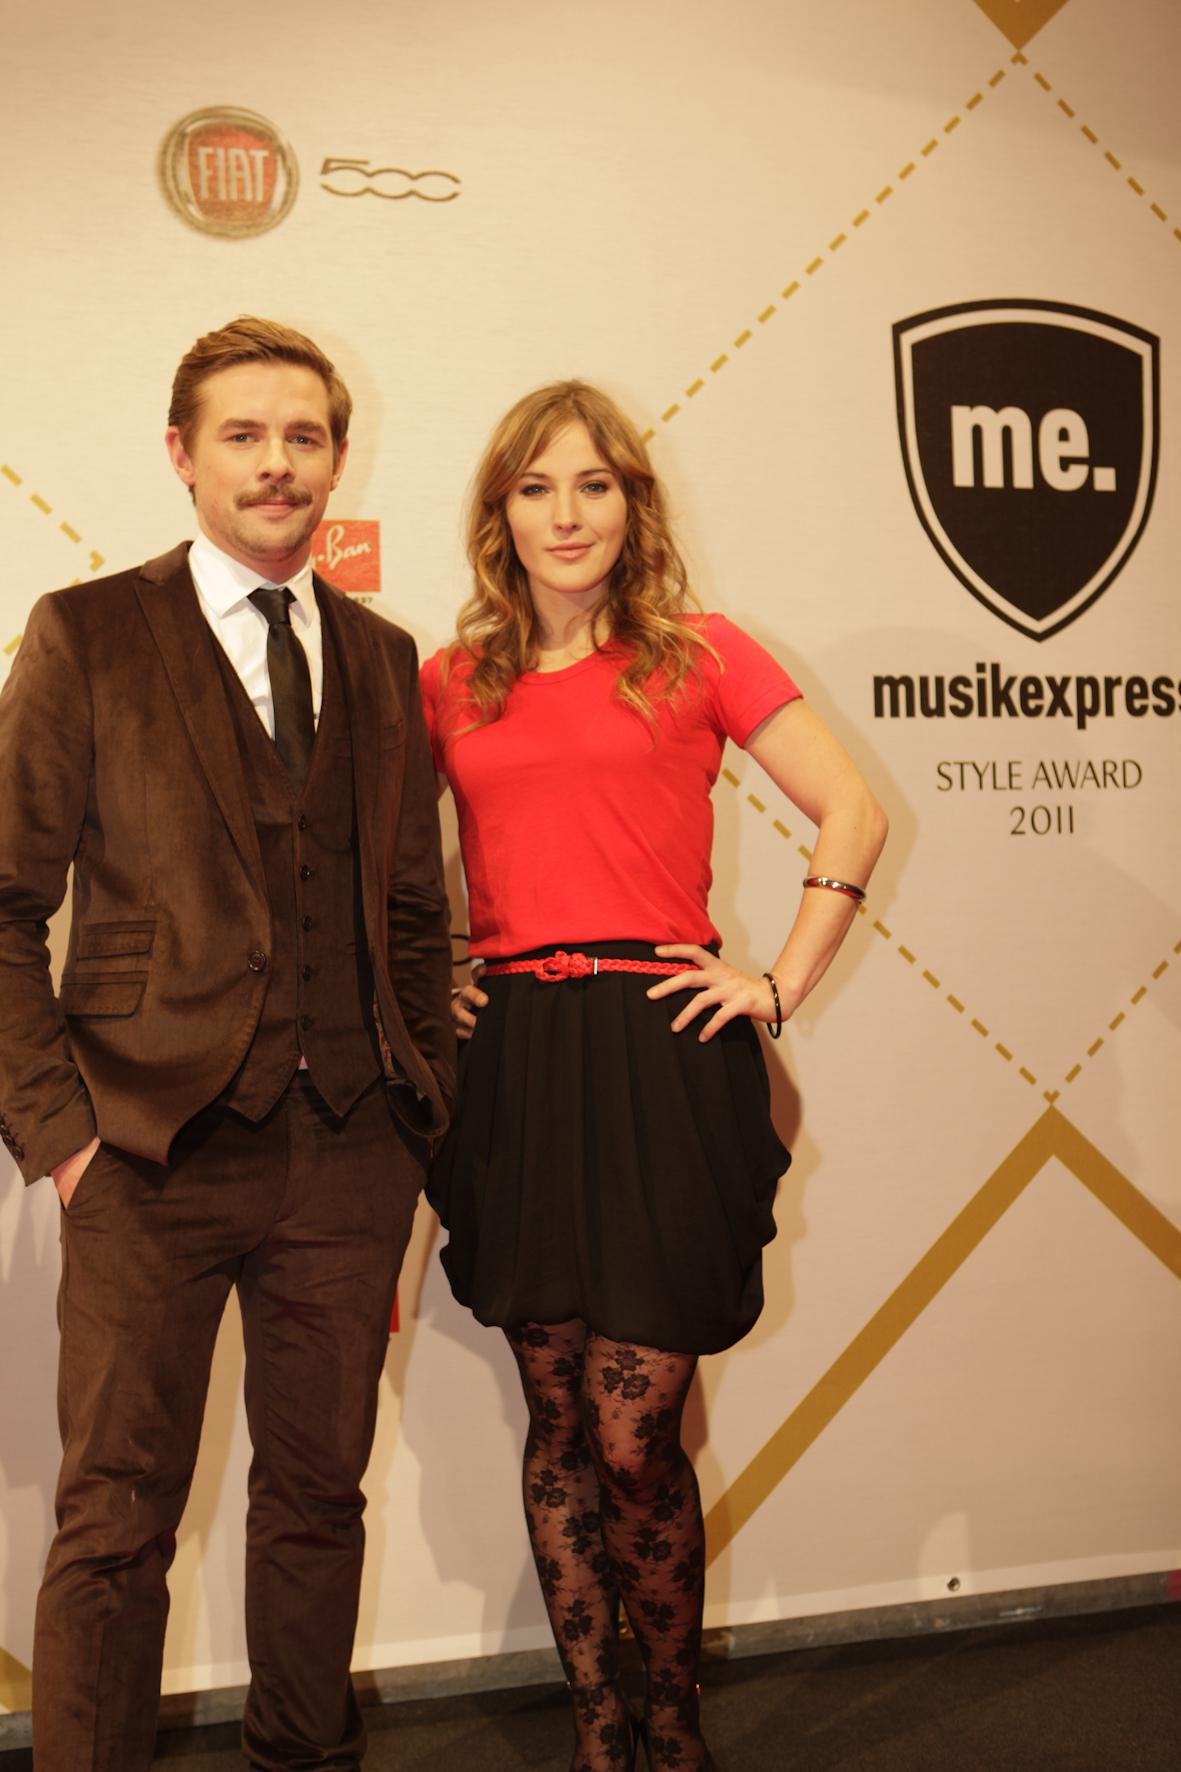 Die TV-Moderatoren Klaas Heufer-Umlauf und Jeannine Michaelsen führten durch den Abend.